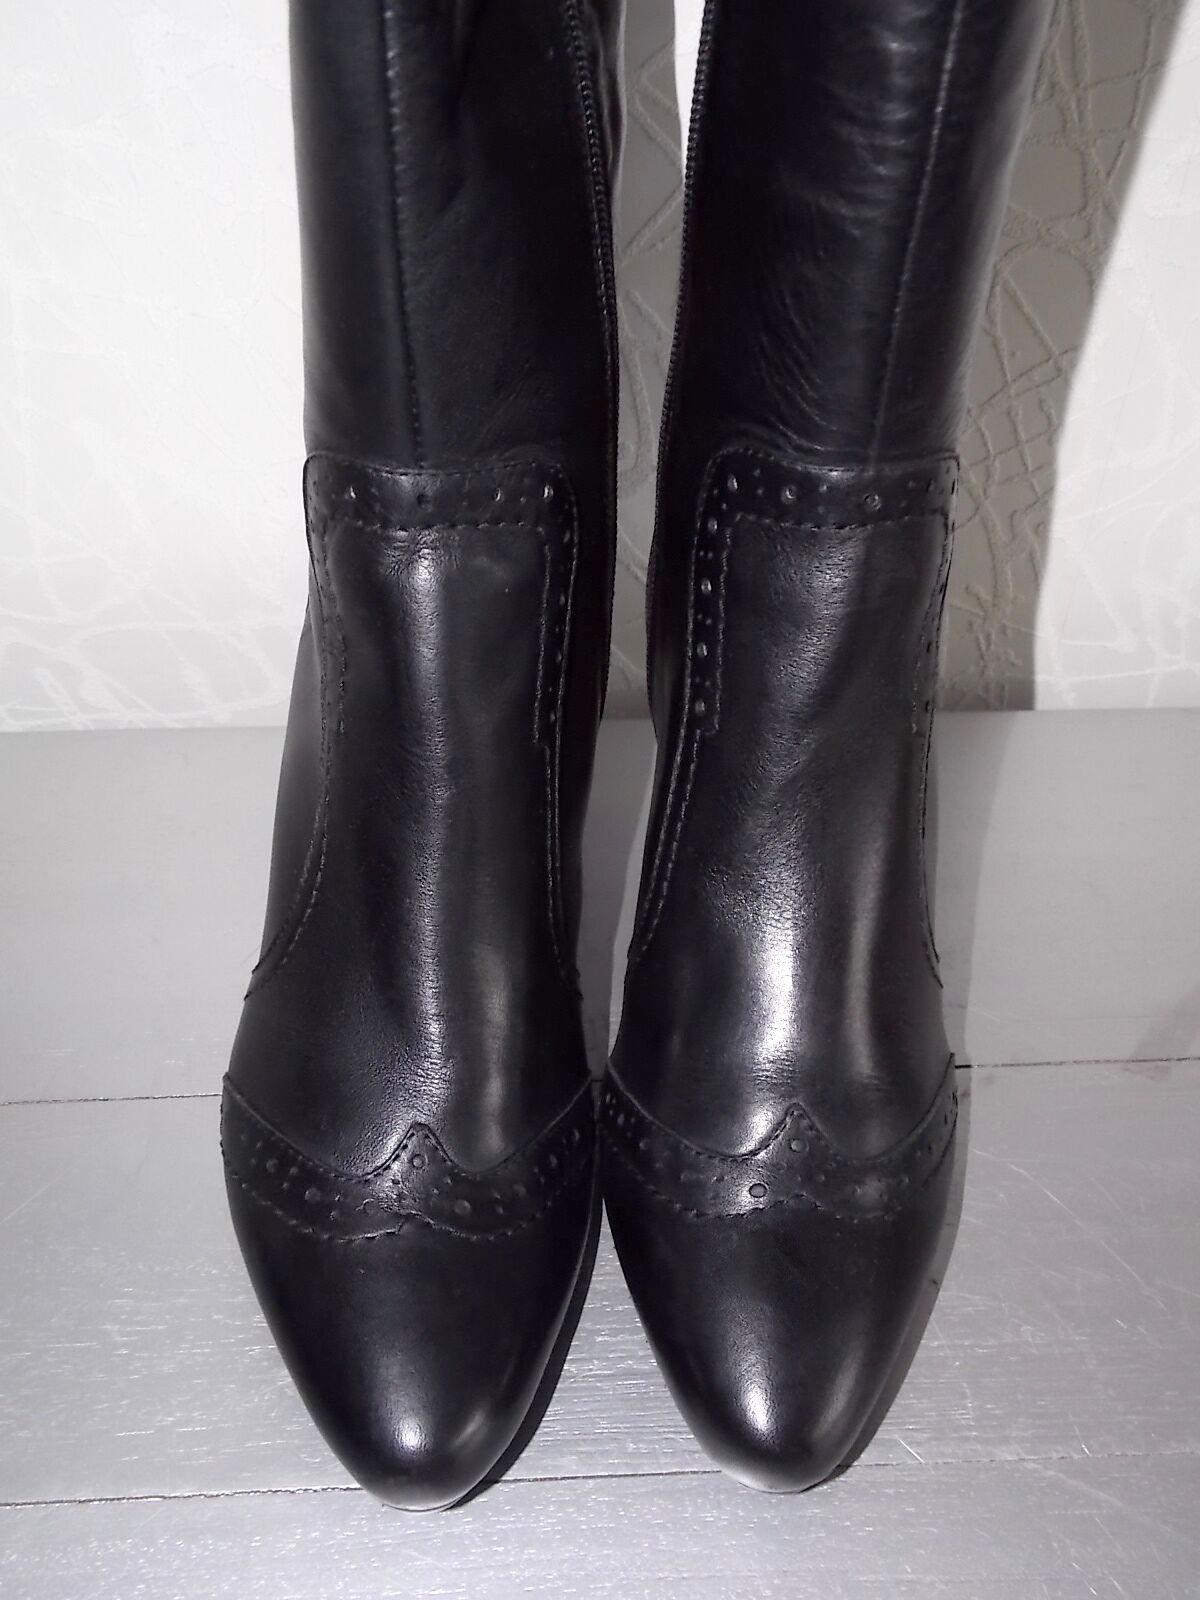 Neu edle und topmodische Echt Leder Stiefel Gr.38 schwarz mit Budapester Muster